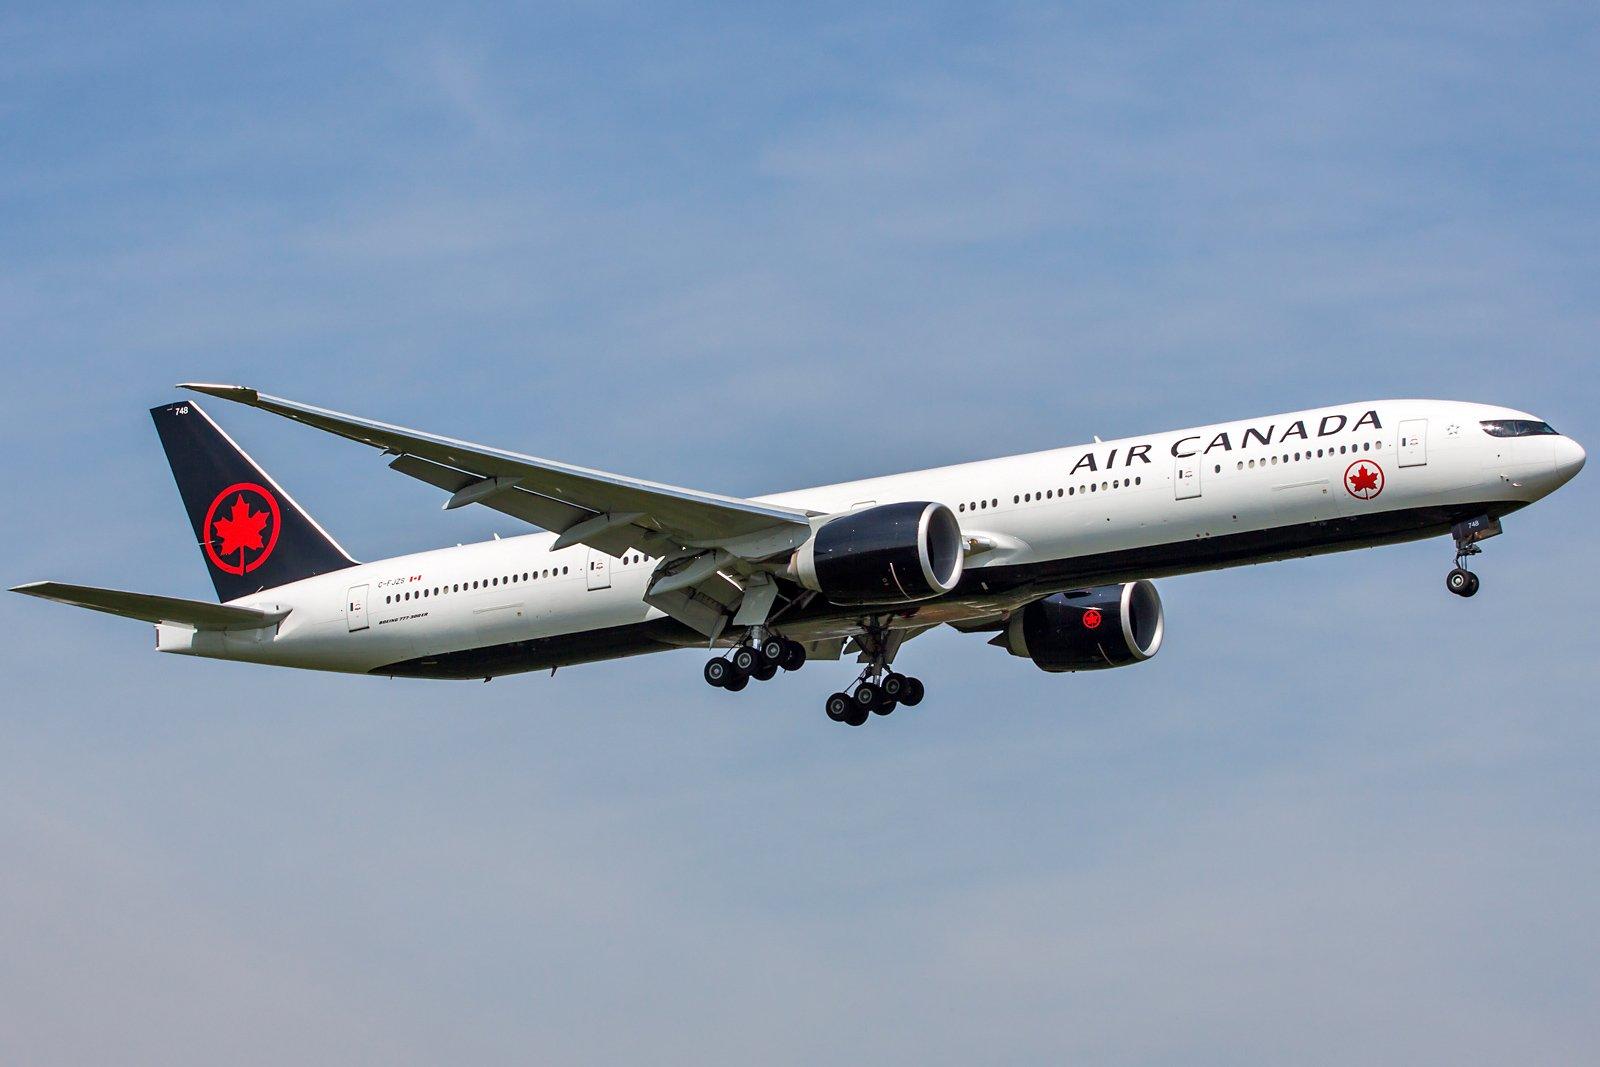 Air Canada Boeing 777-333(ER) C-FJZS